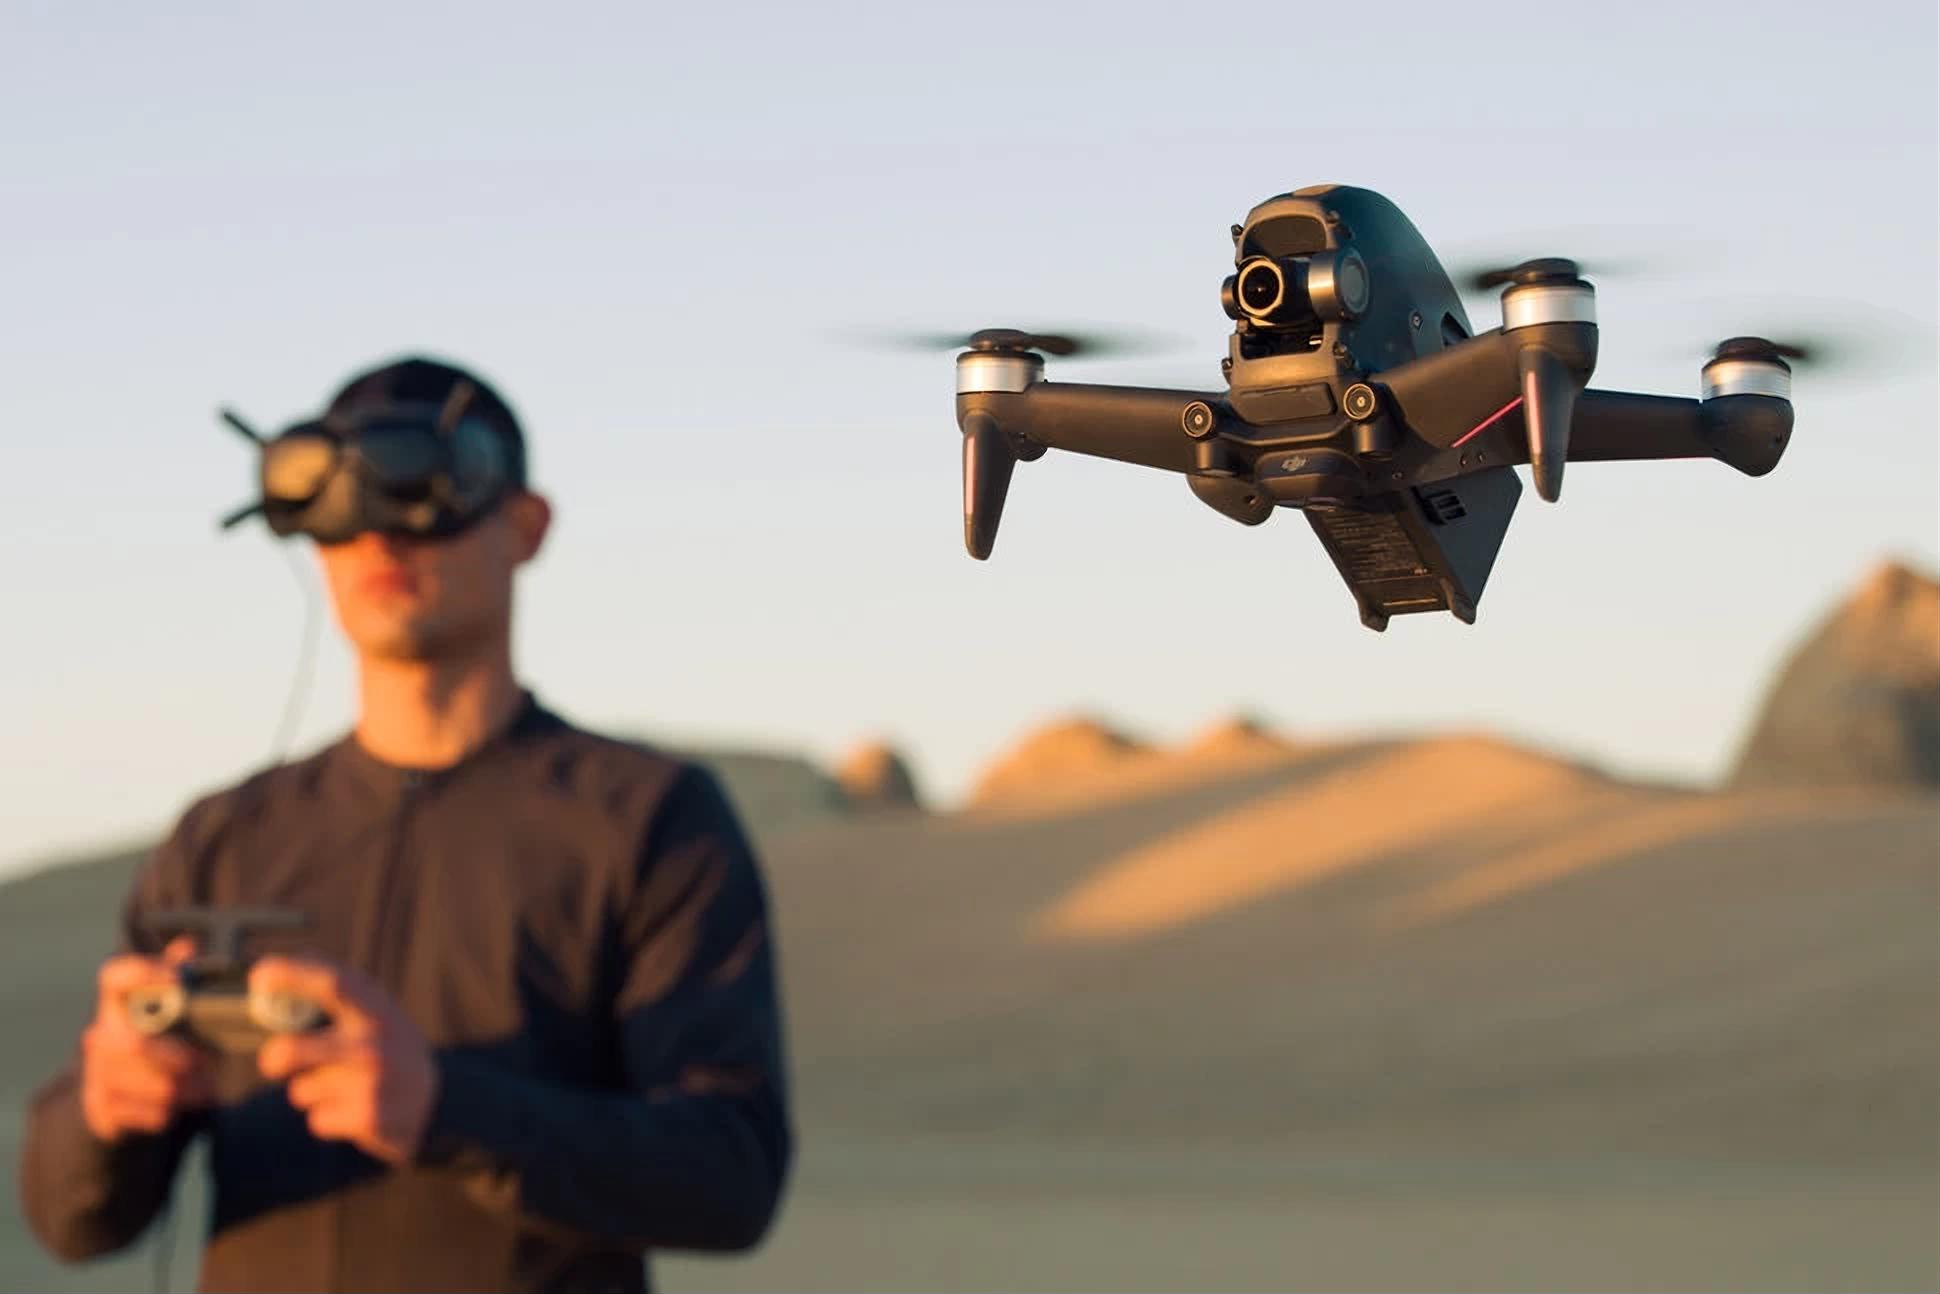 Dji fpv é um drone para usar em primeira pessoa, com óculos especiais. A dji lançou hoje um drone com uma proposta inusitada: com óculos e controles especiais, o dji fpv quer que você sinta a emoção do vôo imersivo em primeira pessoa (first person view, em inglês). O modelo foi pensado tanto para registros cinematográficos, quanto para o uso em competições de corrida.